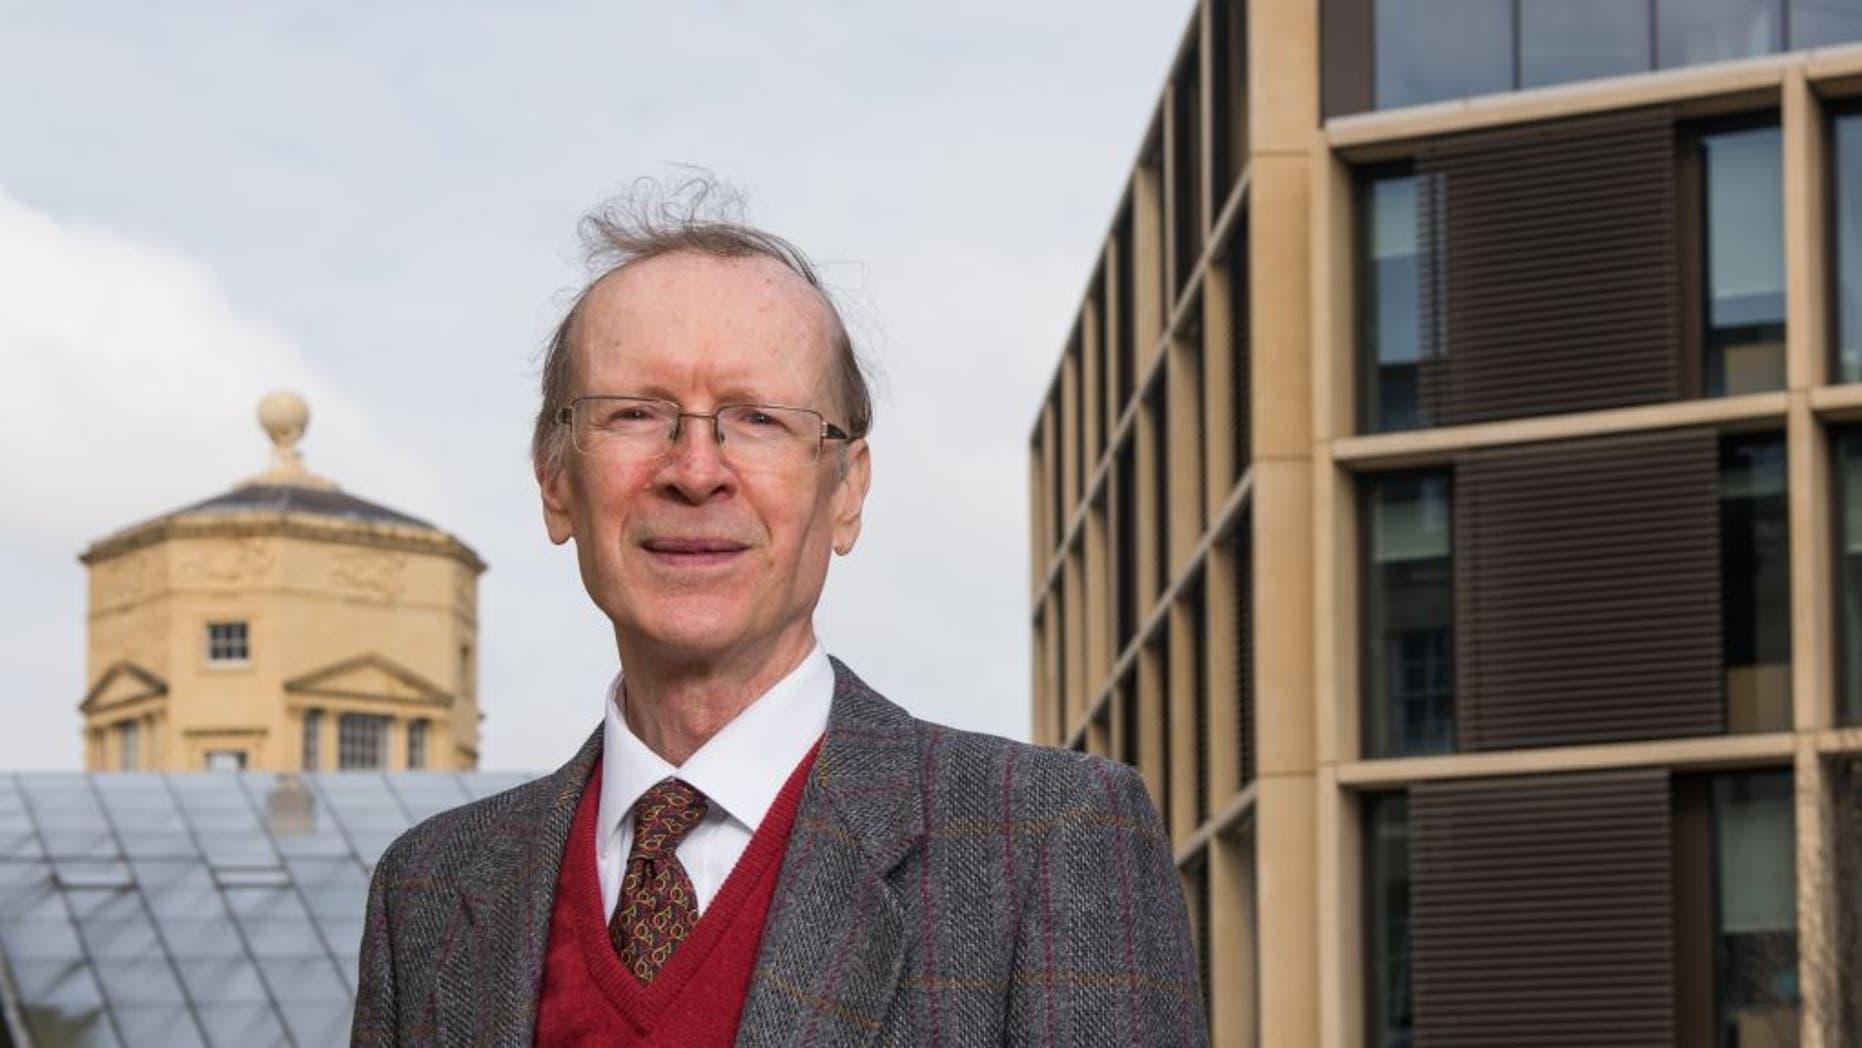 Andrew Wiles (University of Oxford)